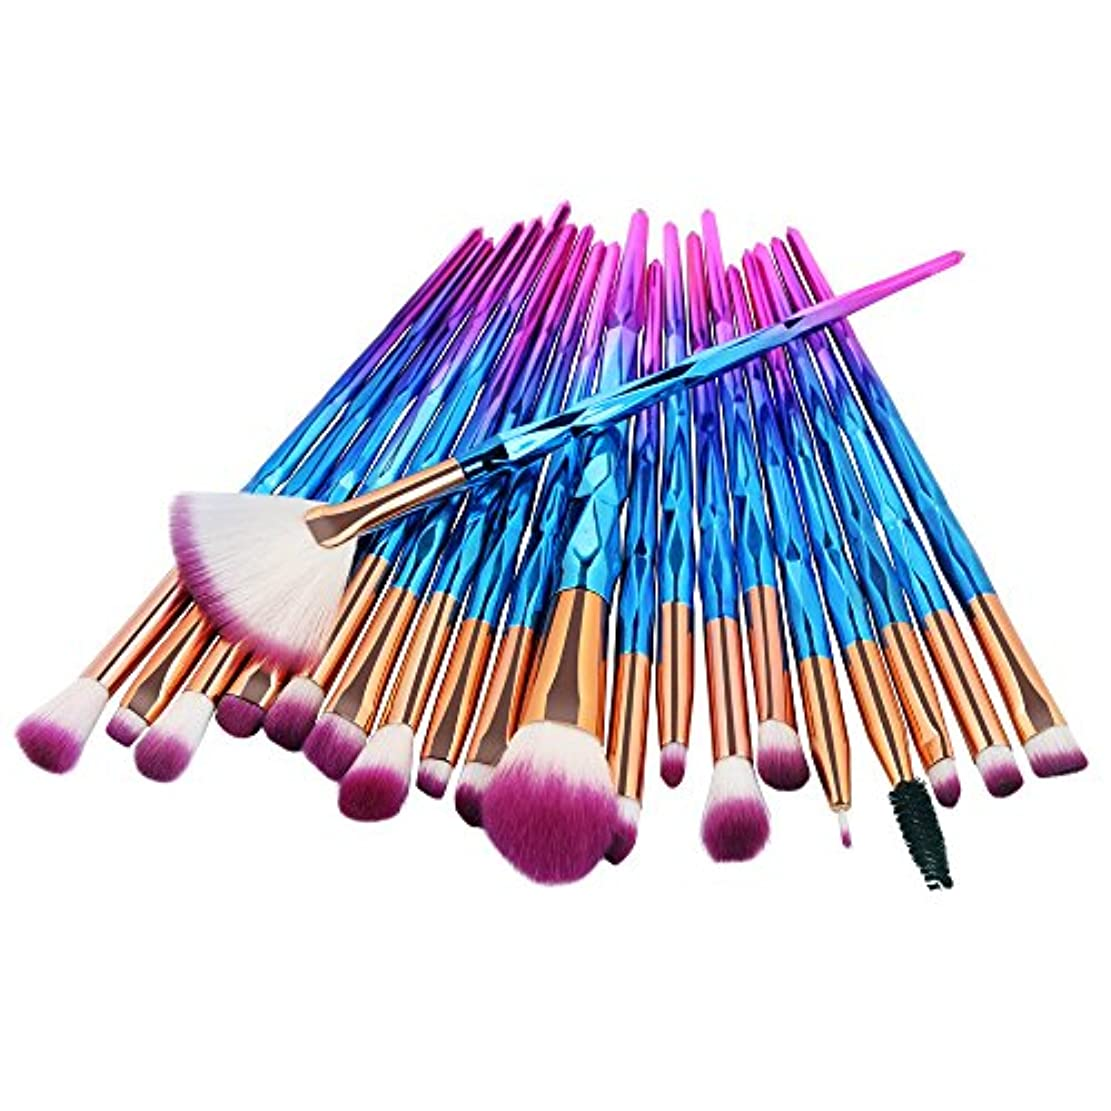 ために高原に賛成Feteso メイクブラシ メイクブラシセット 多色 20 本セット 人気 化粧ブラシ ふわふわ 敏感肌適用 メイク道具 プレゼント アイシャドウ アイライナー Makeup Brushes Set